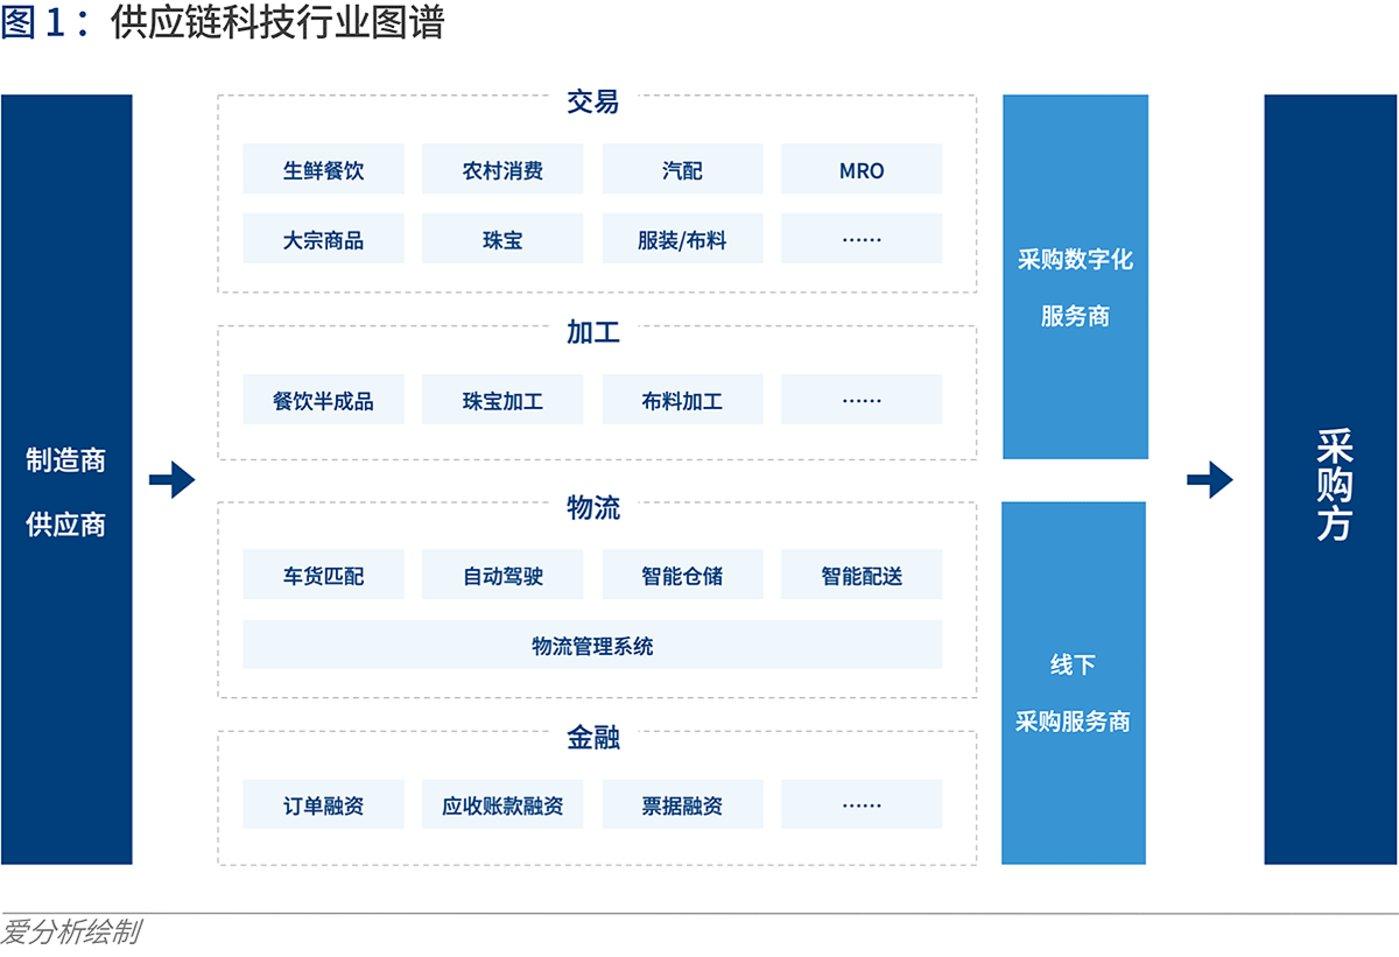 http://www.xiaoluxinxi.com/qipeiqiyong/499804.html